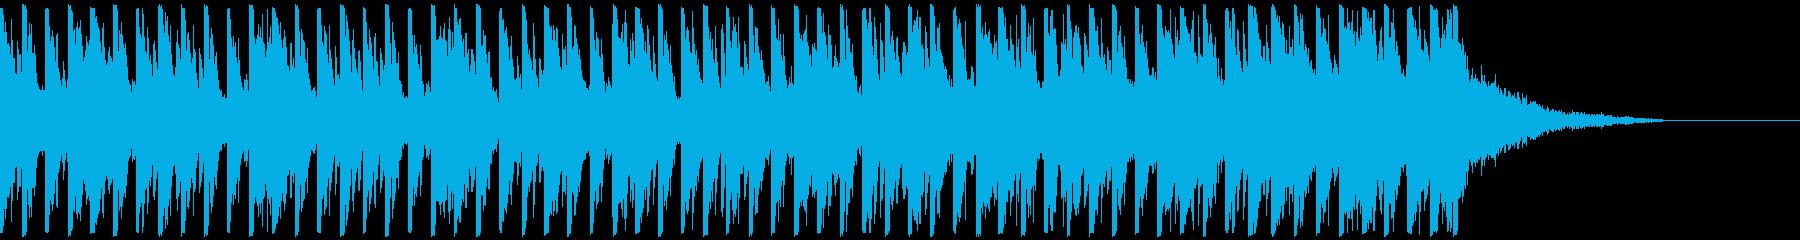 オシャ4つ打ち、スタイリッシュ雰囲気系3の再生済みの波形